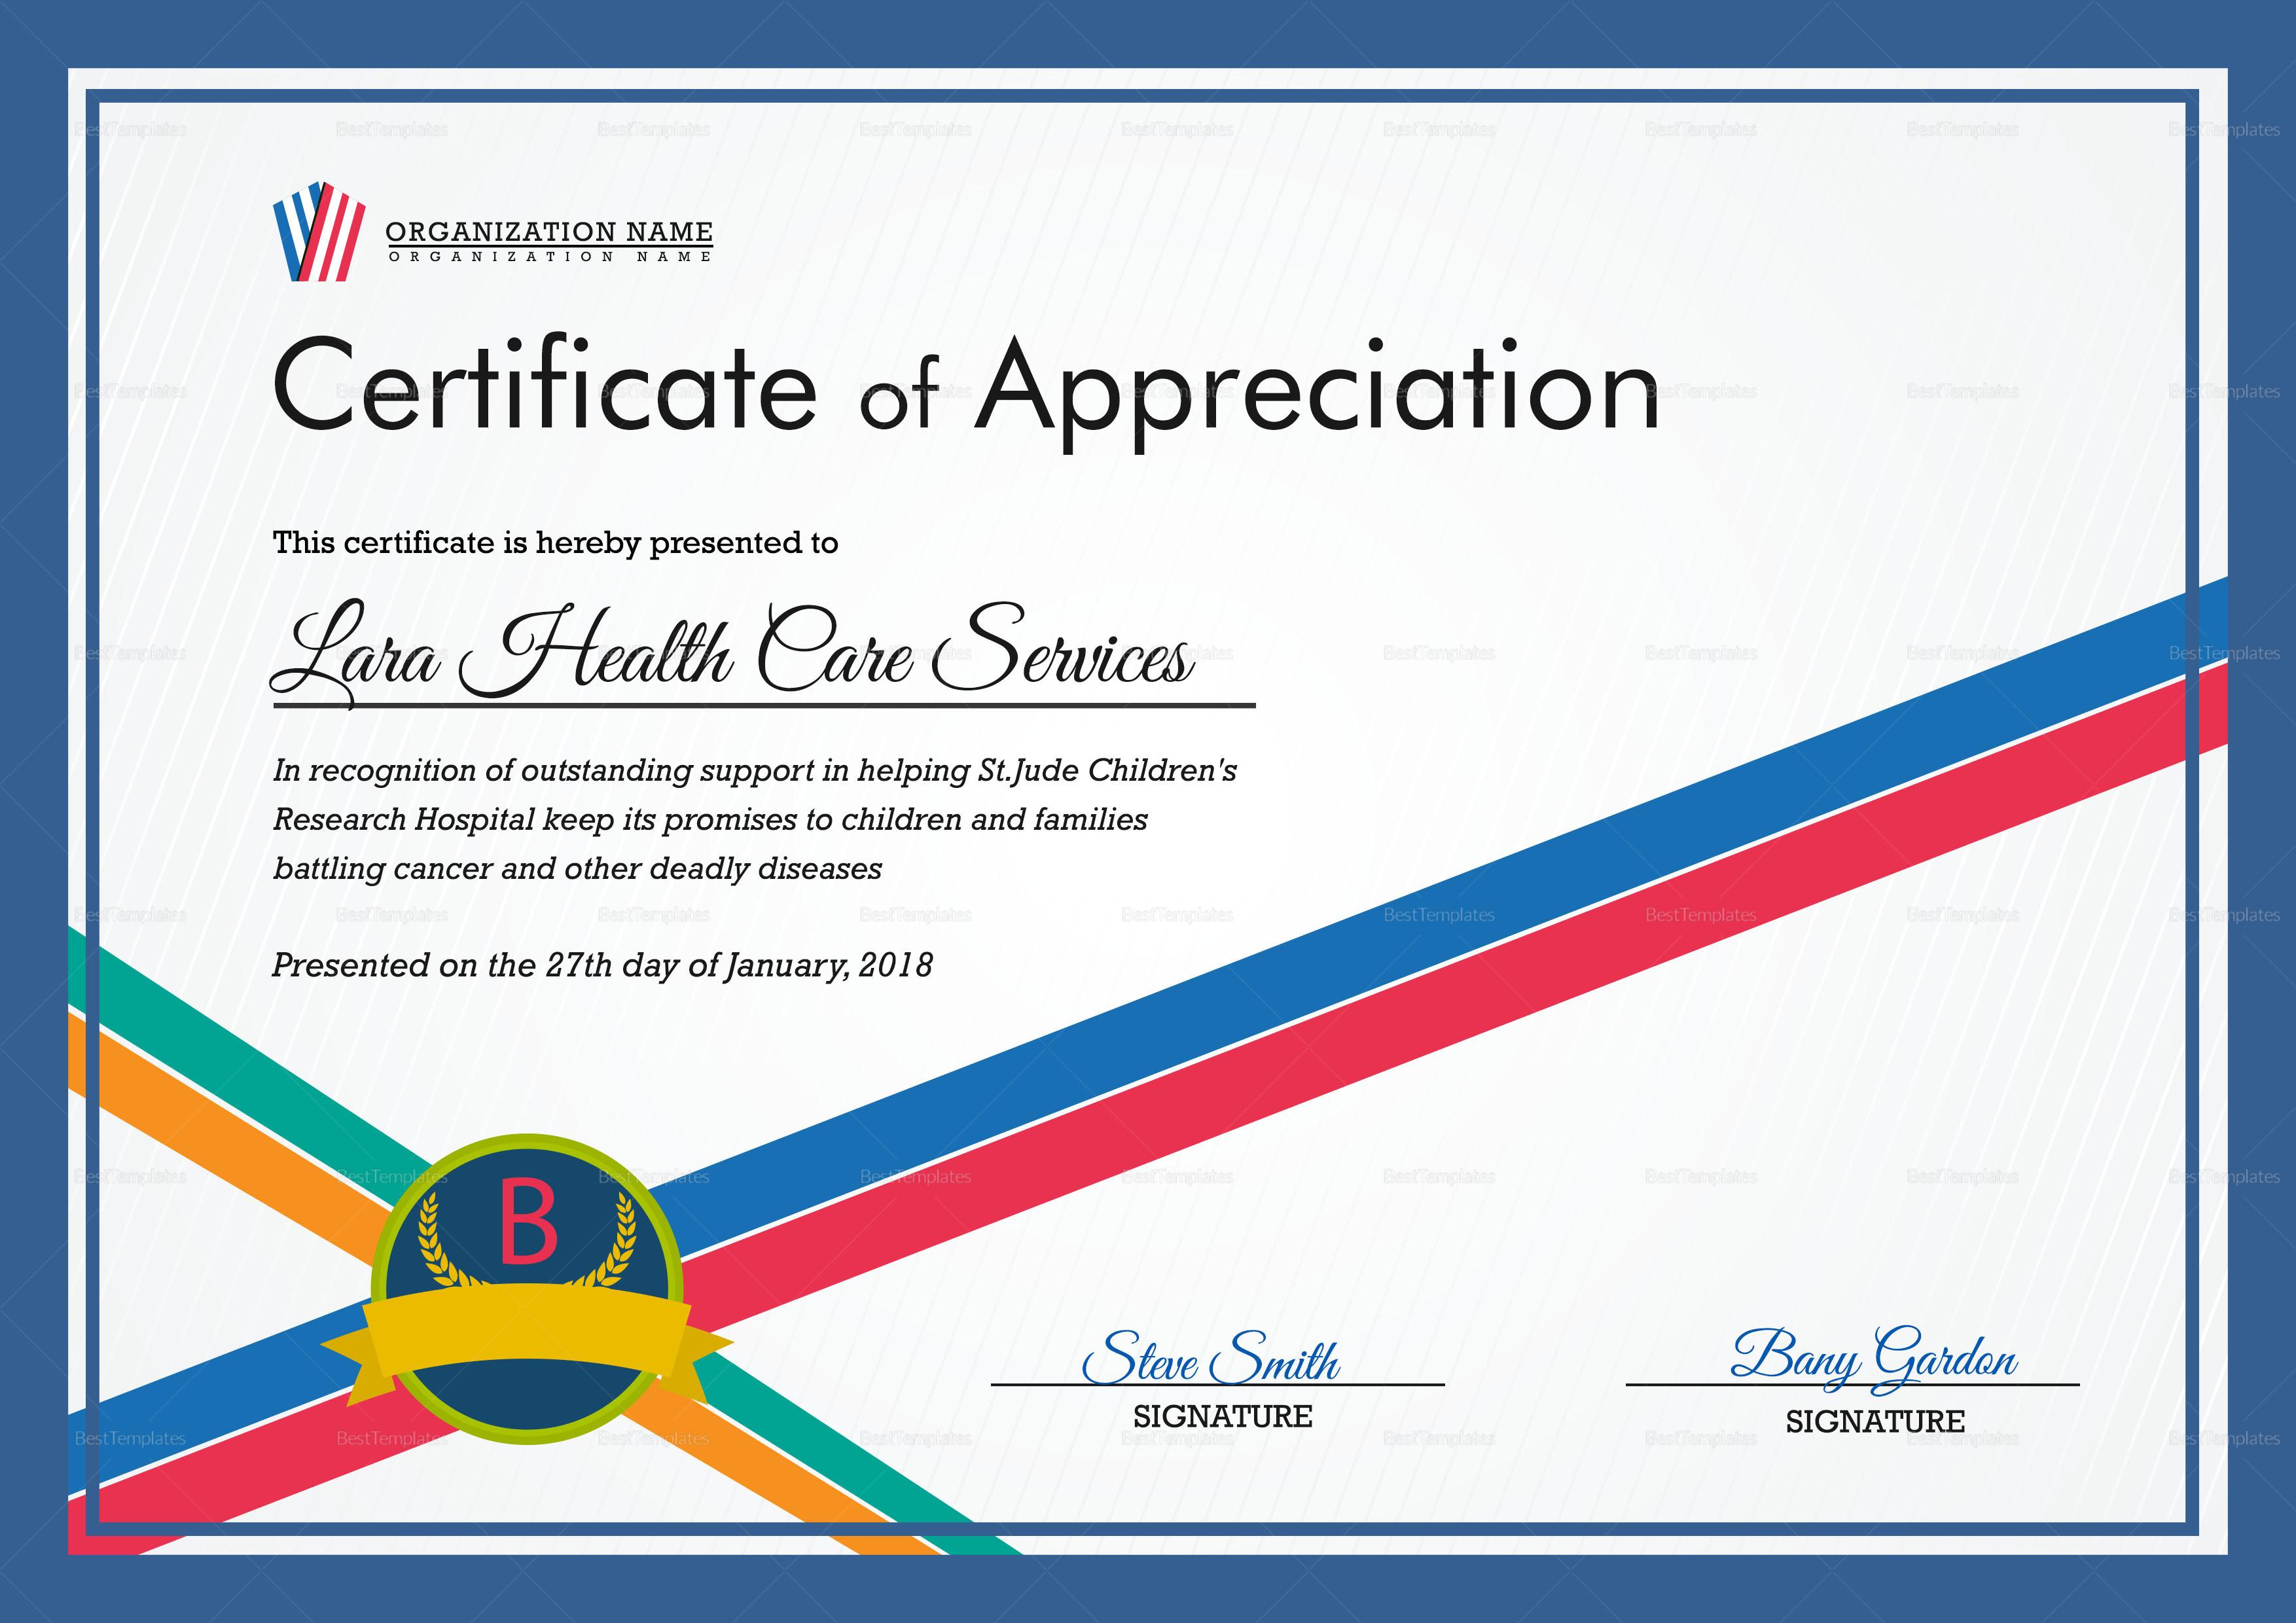 organization appreciation certificate design template in